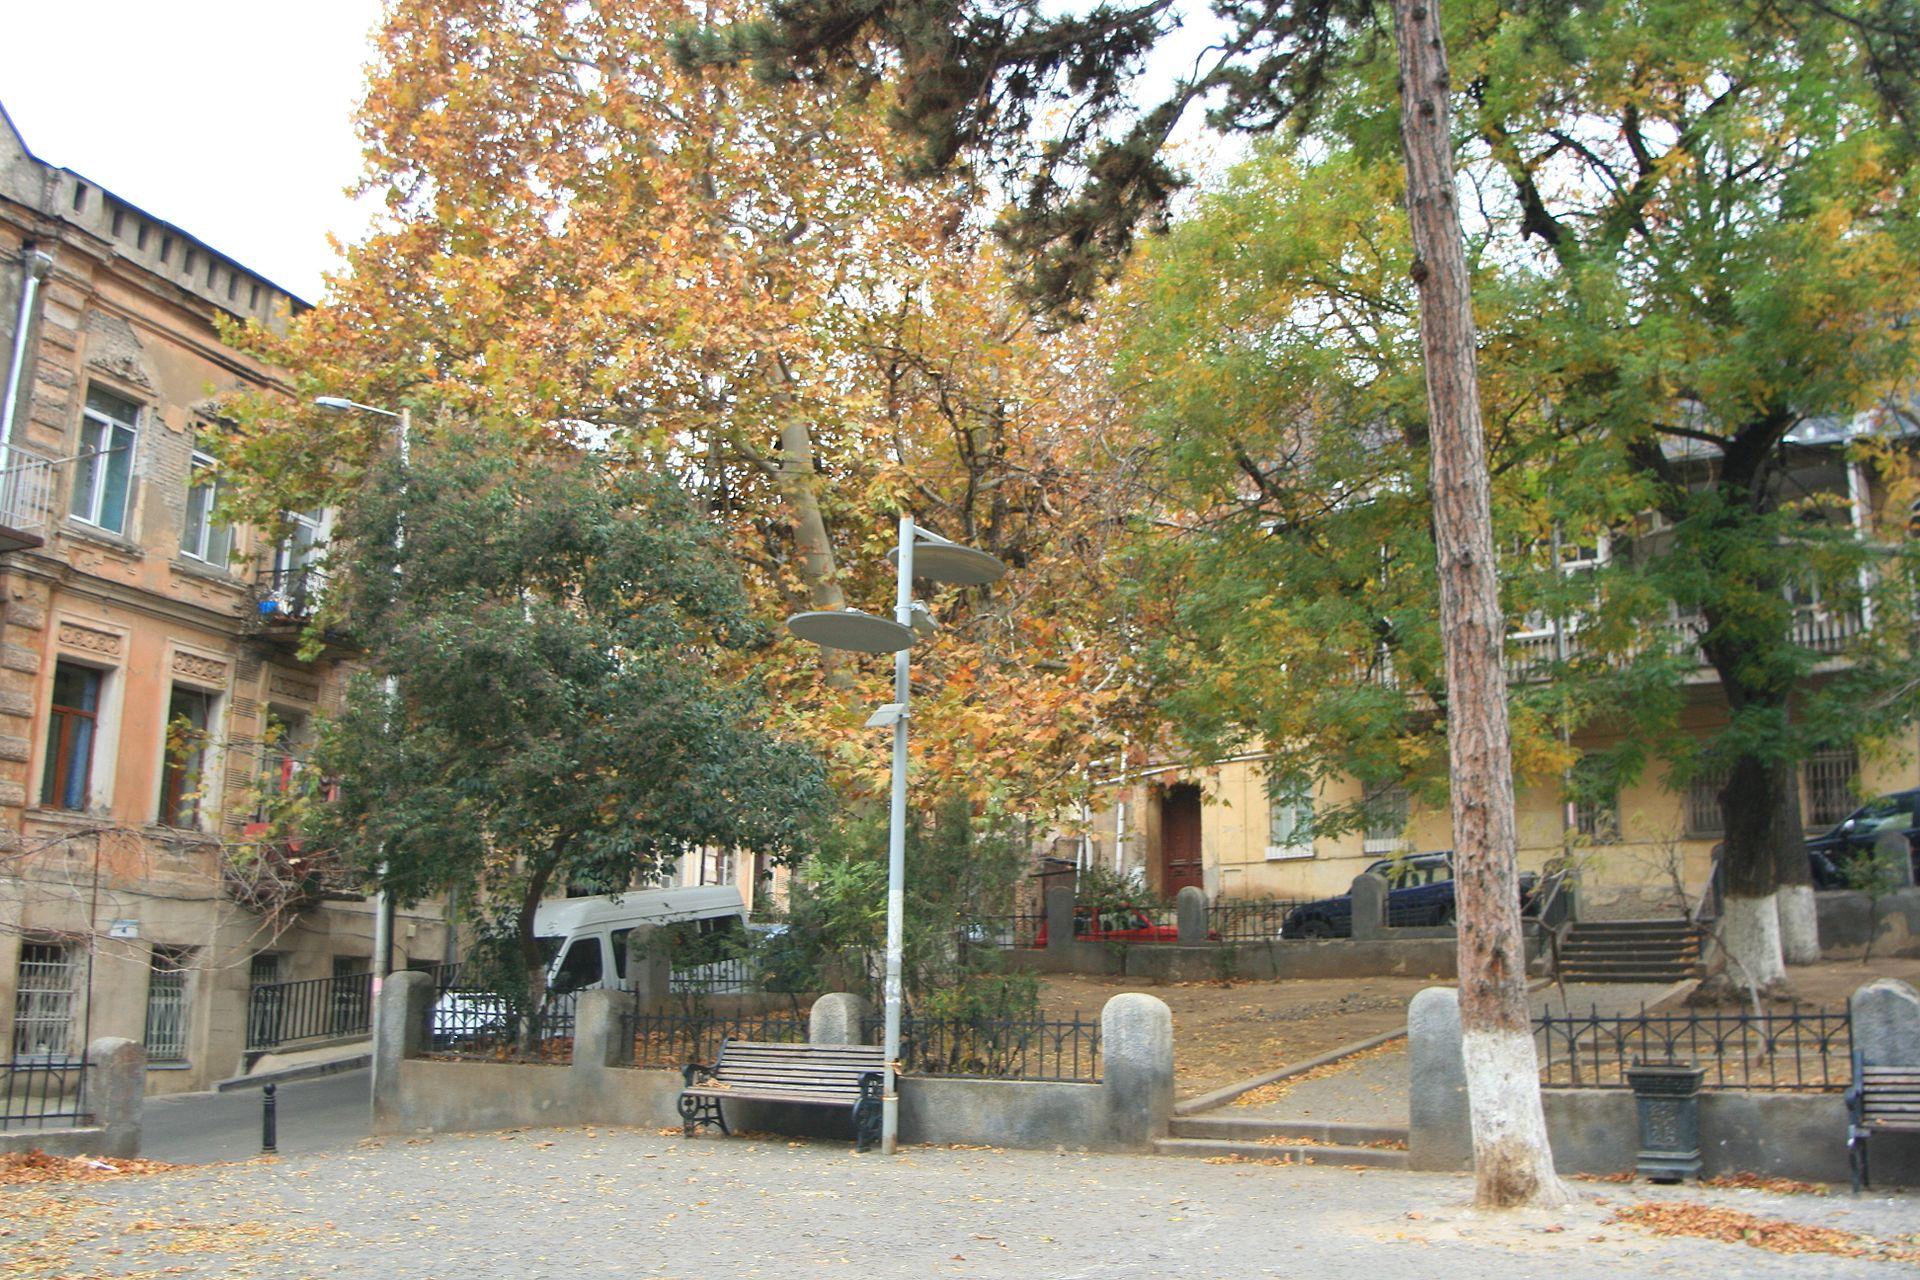 Дом в Тбилиси, где жила Леся Украинка